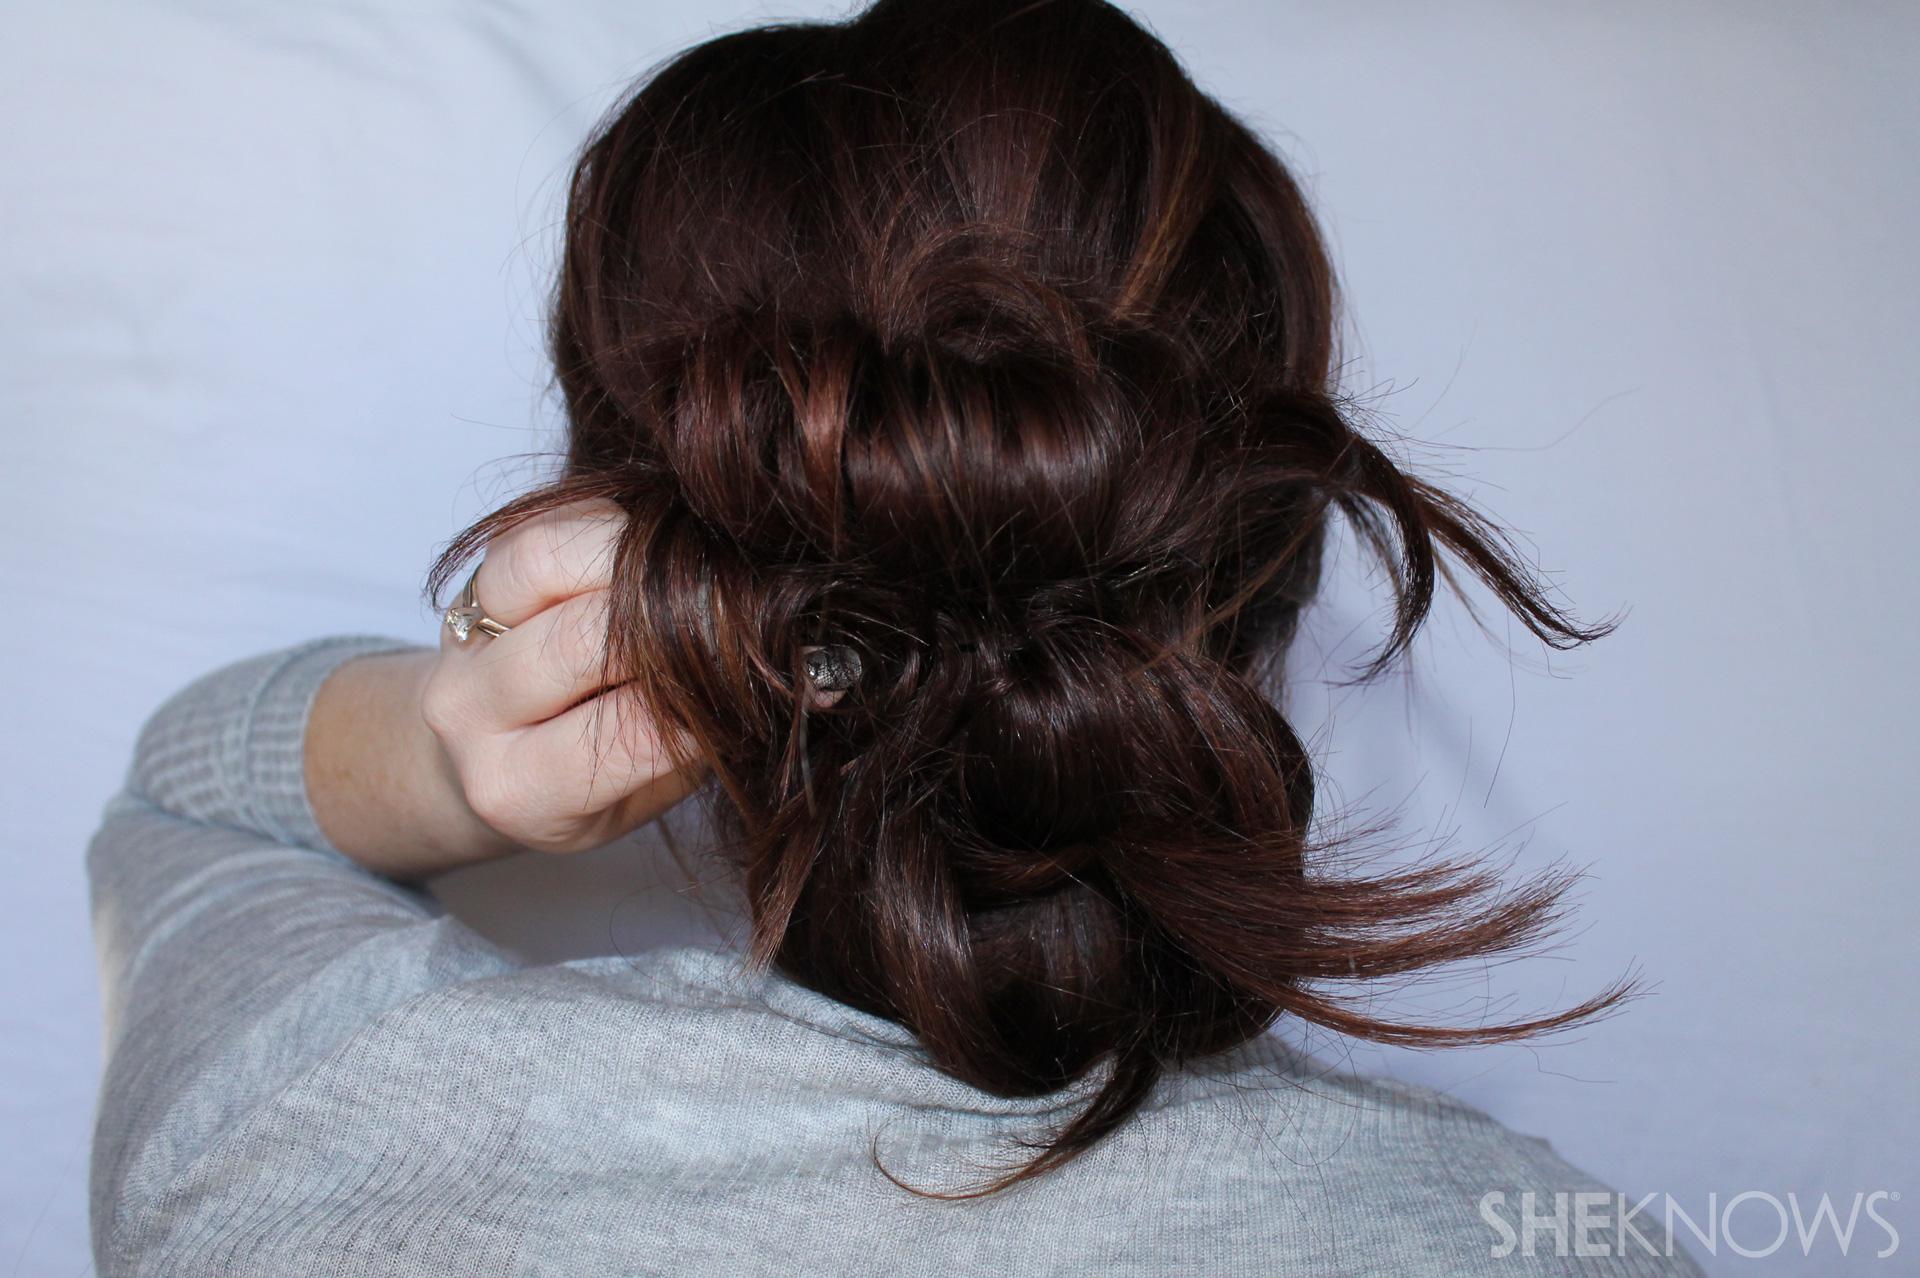 Thin hair tutorial | Sheknows.com - step 18